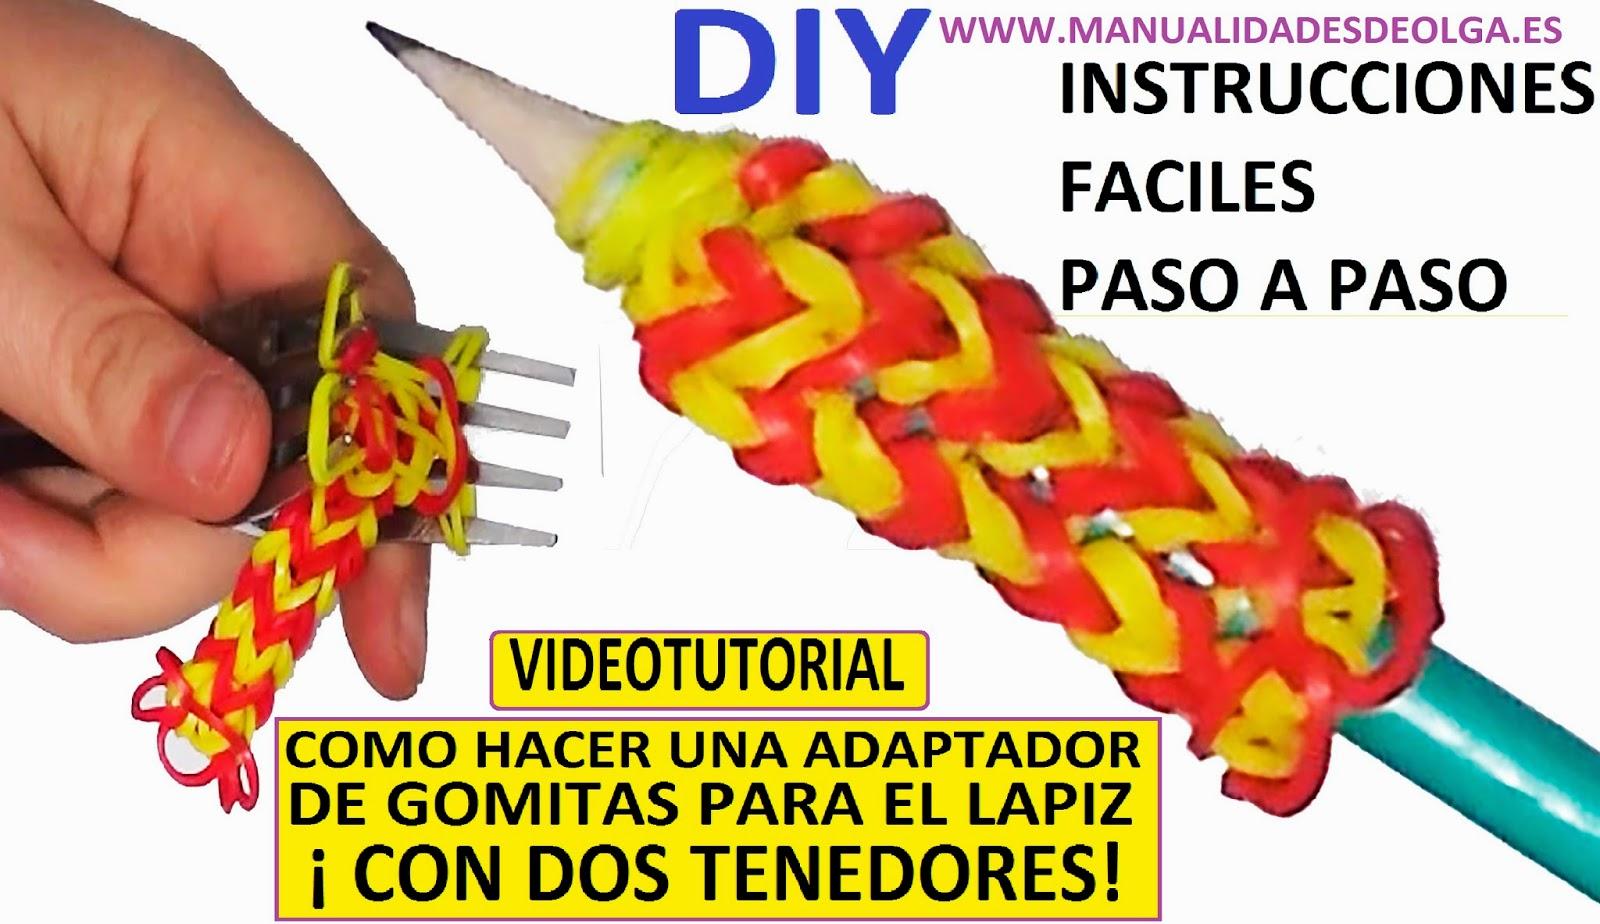 adaptador de gomitas para el lapiz sin rainbow loom , con telar casero dos tenedores